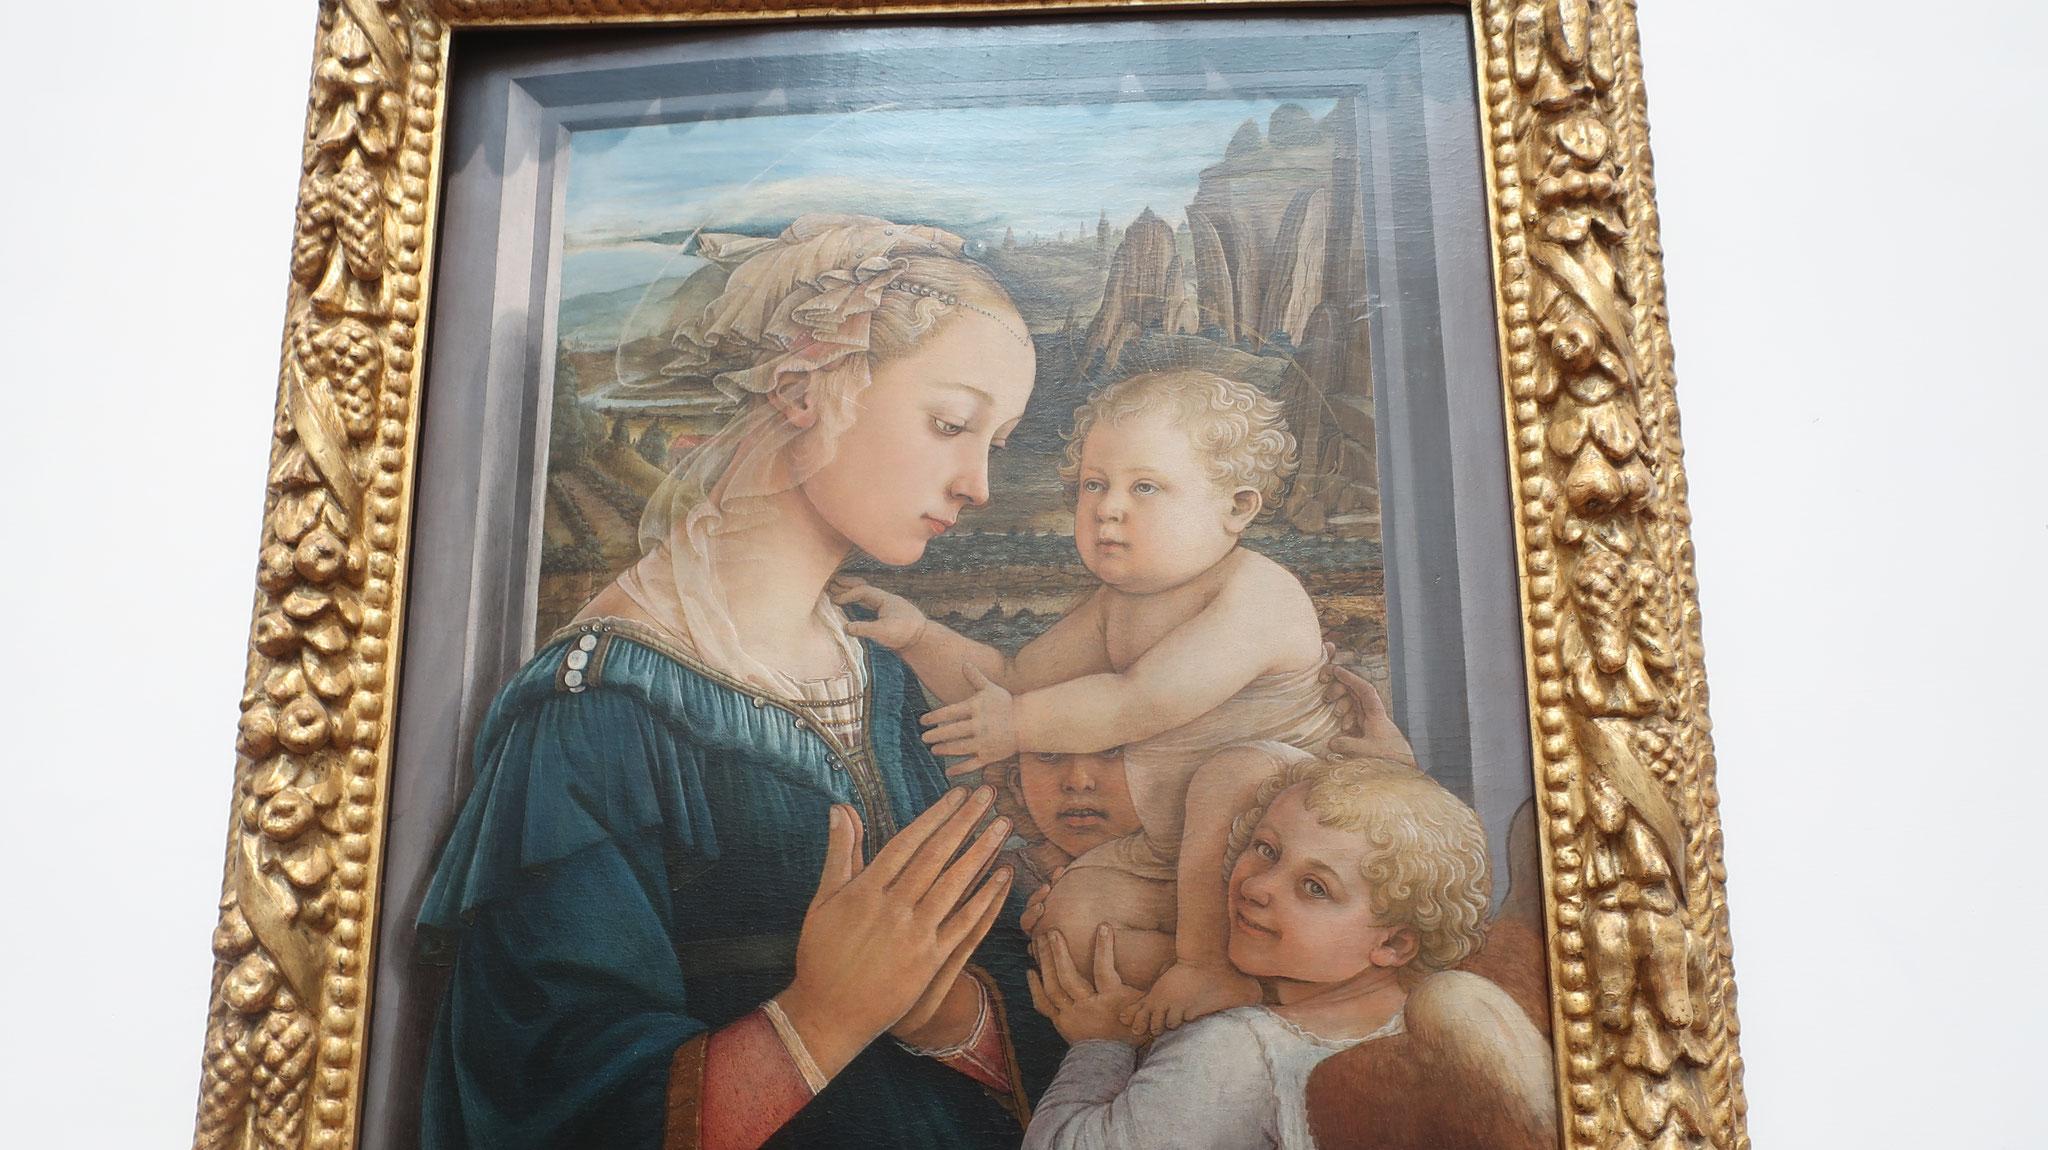 「聖母子と二人の天使」フィリッポ・リッピの代表作。 修道士画家であったリッピが修道女と駆け落ちした逸話は有名です。 この絵のモデルはその修道女だそうです。しかも、右下の天使のモデルは彼の息子、フィリッピーノ・リッピです。